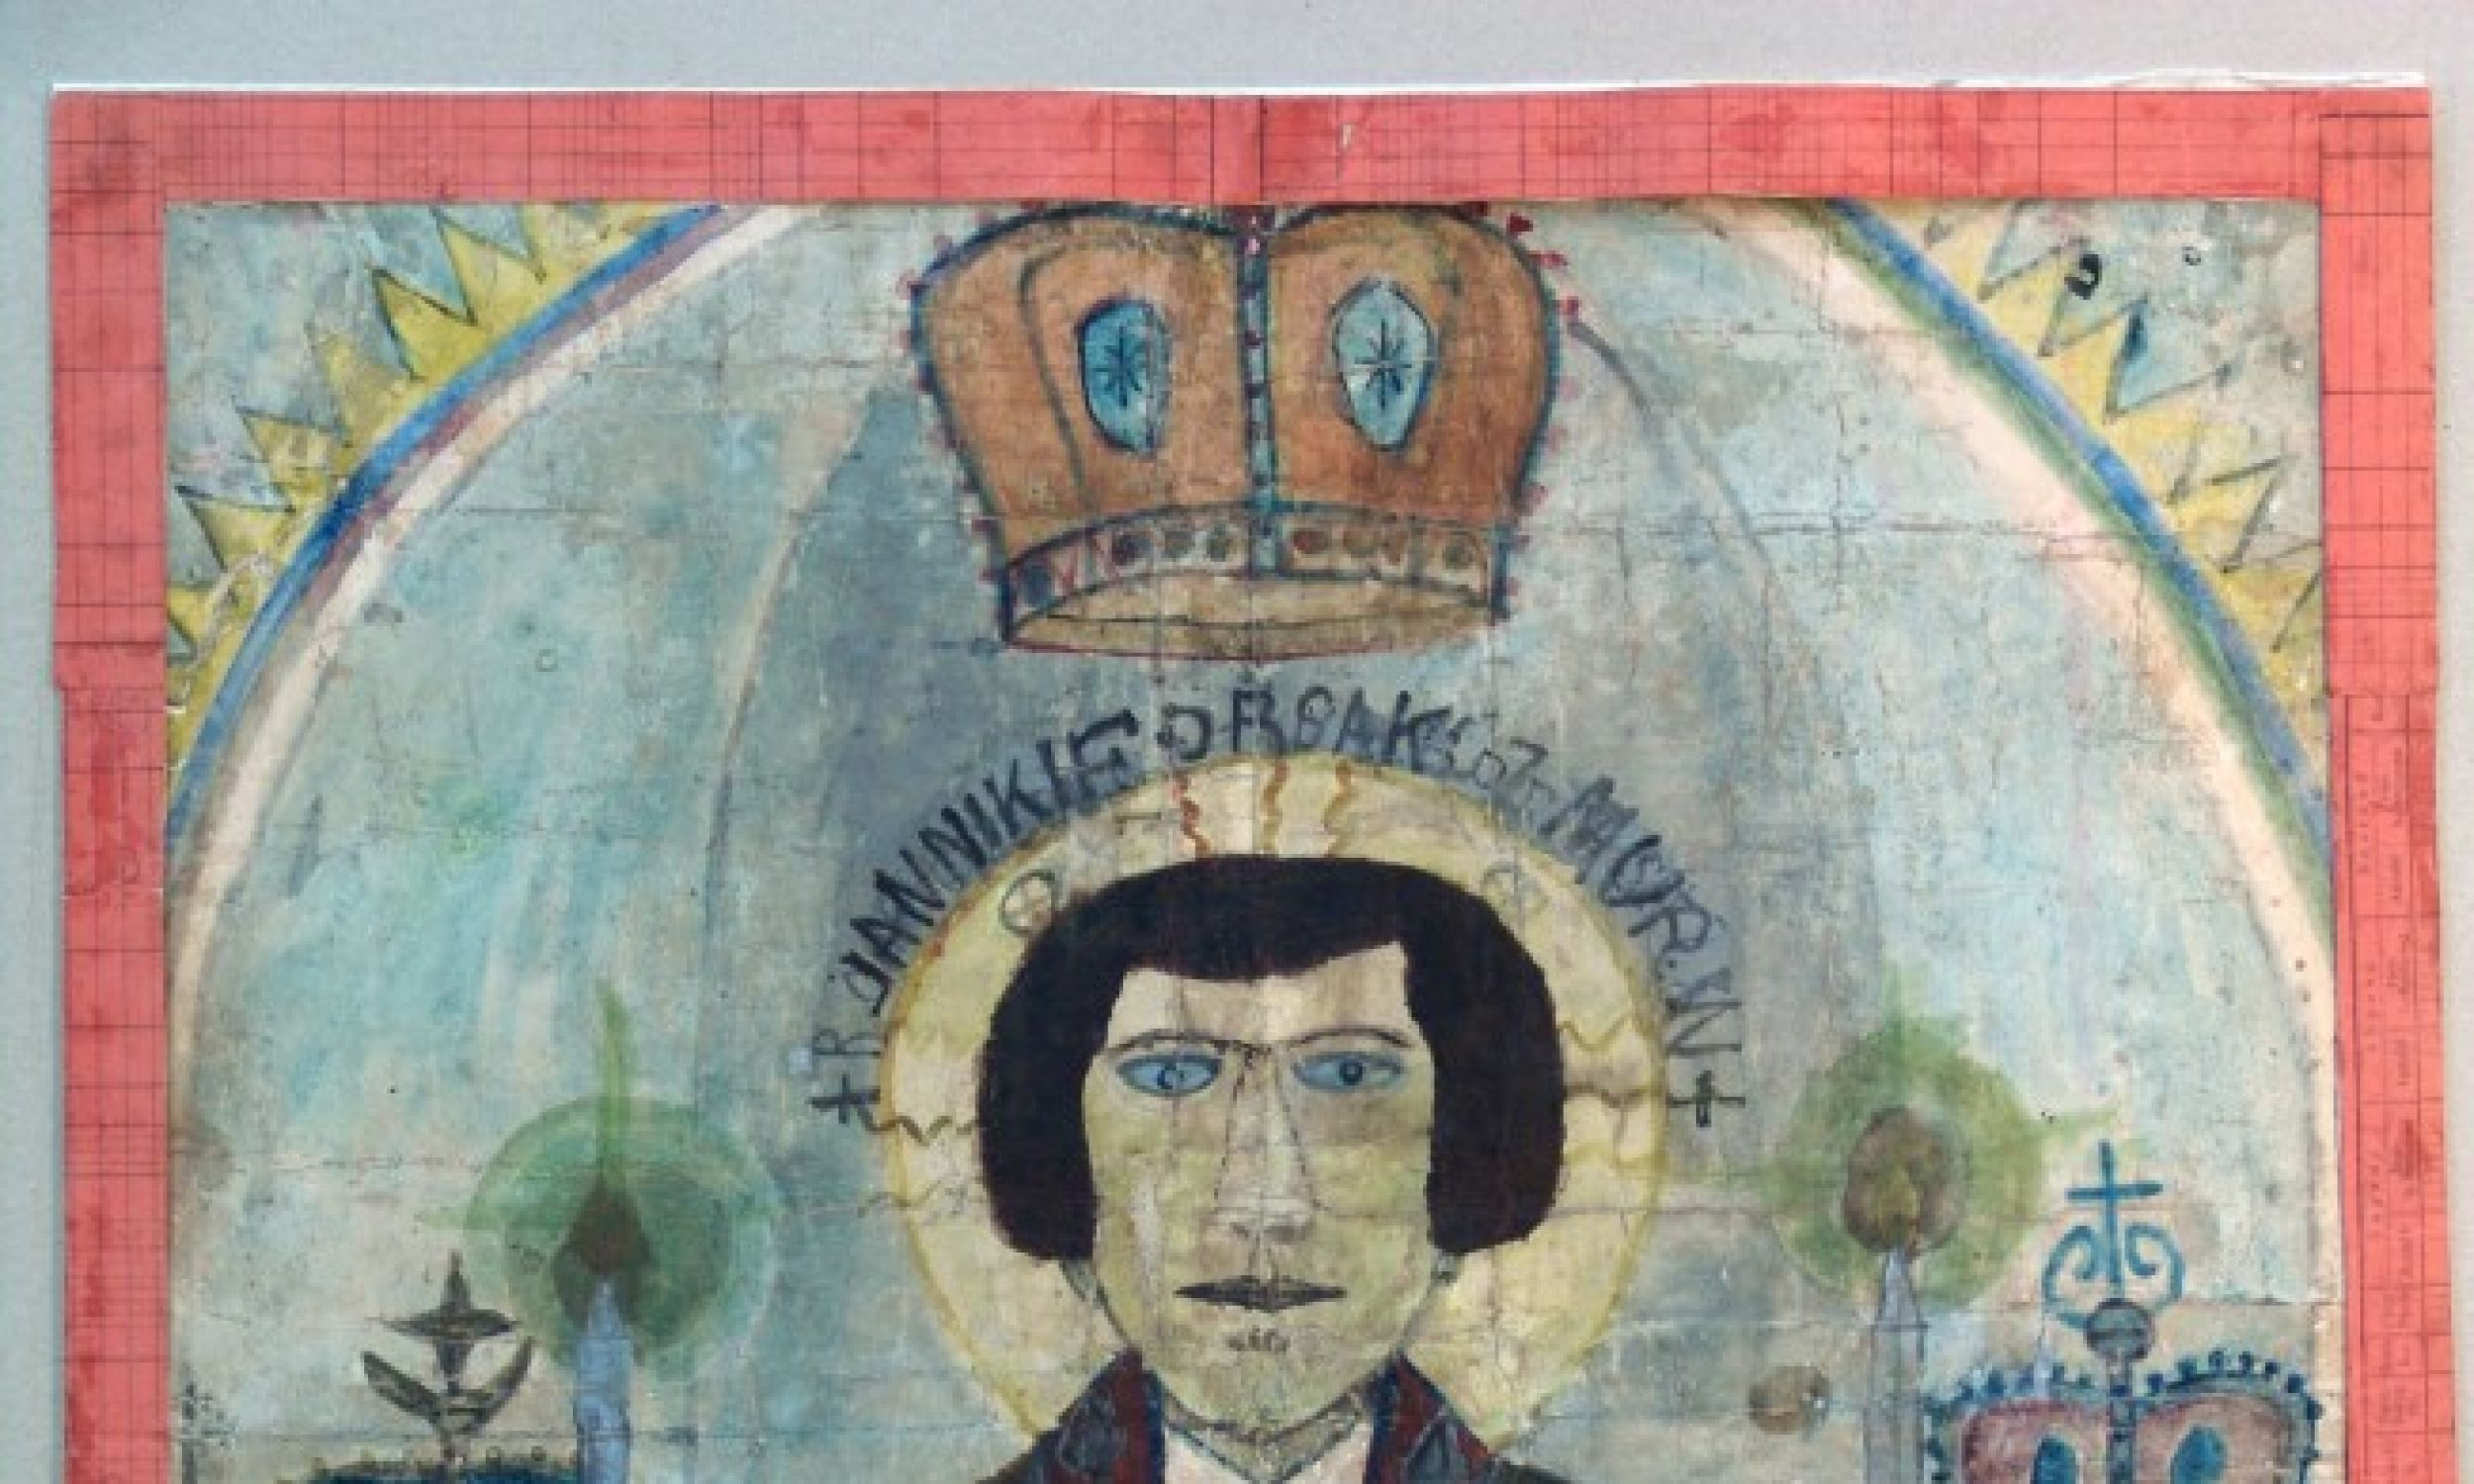 Był bardzo pobożny. Nie umiał czytać, więc sobie narysował sobie książeczkę do nabożeństwa. Na swój sposób się modlił. Na zdjęciu: autoportret potrójny. Fot. Muzeum Okręgowe w Nowym Sączu/Piotr Droździk